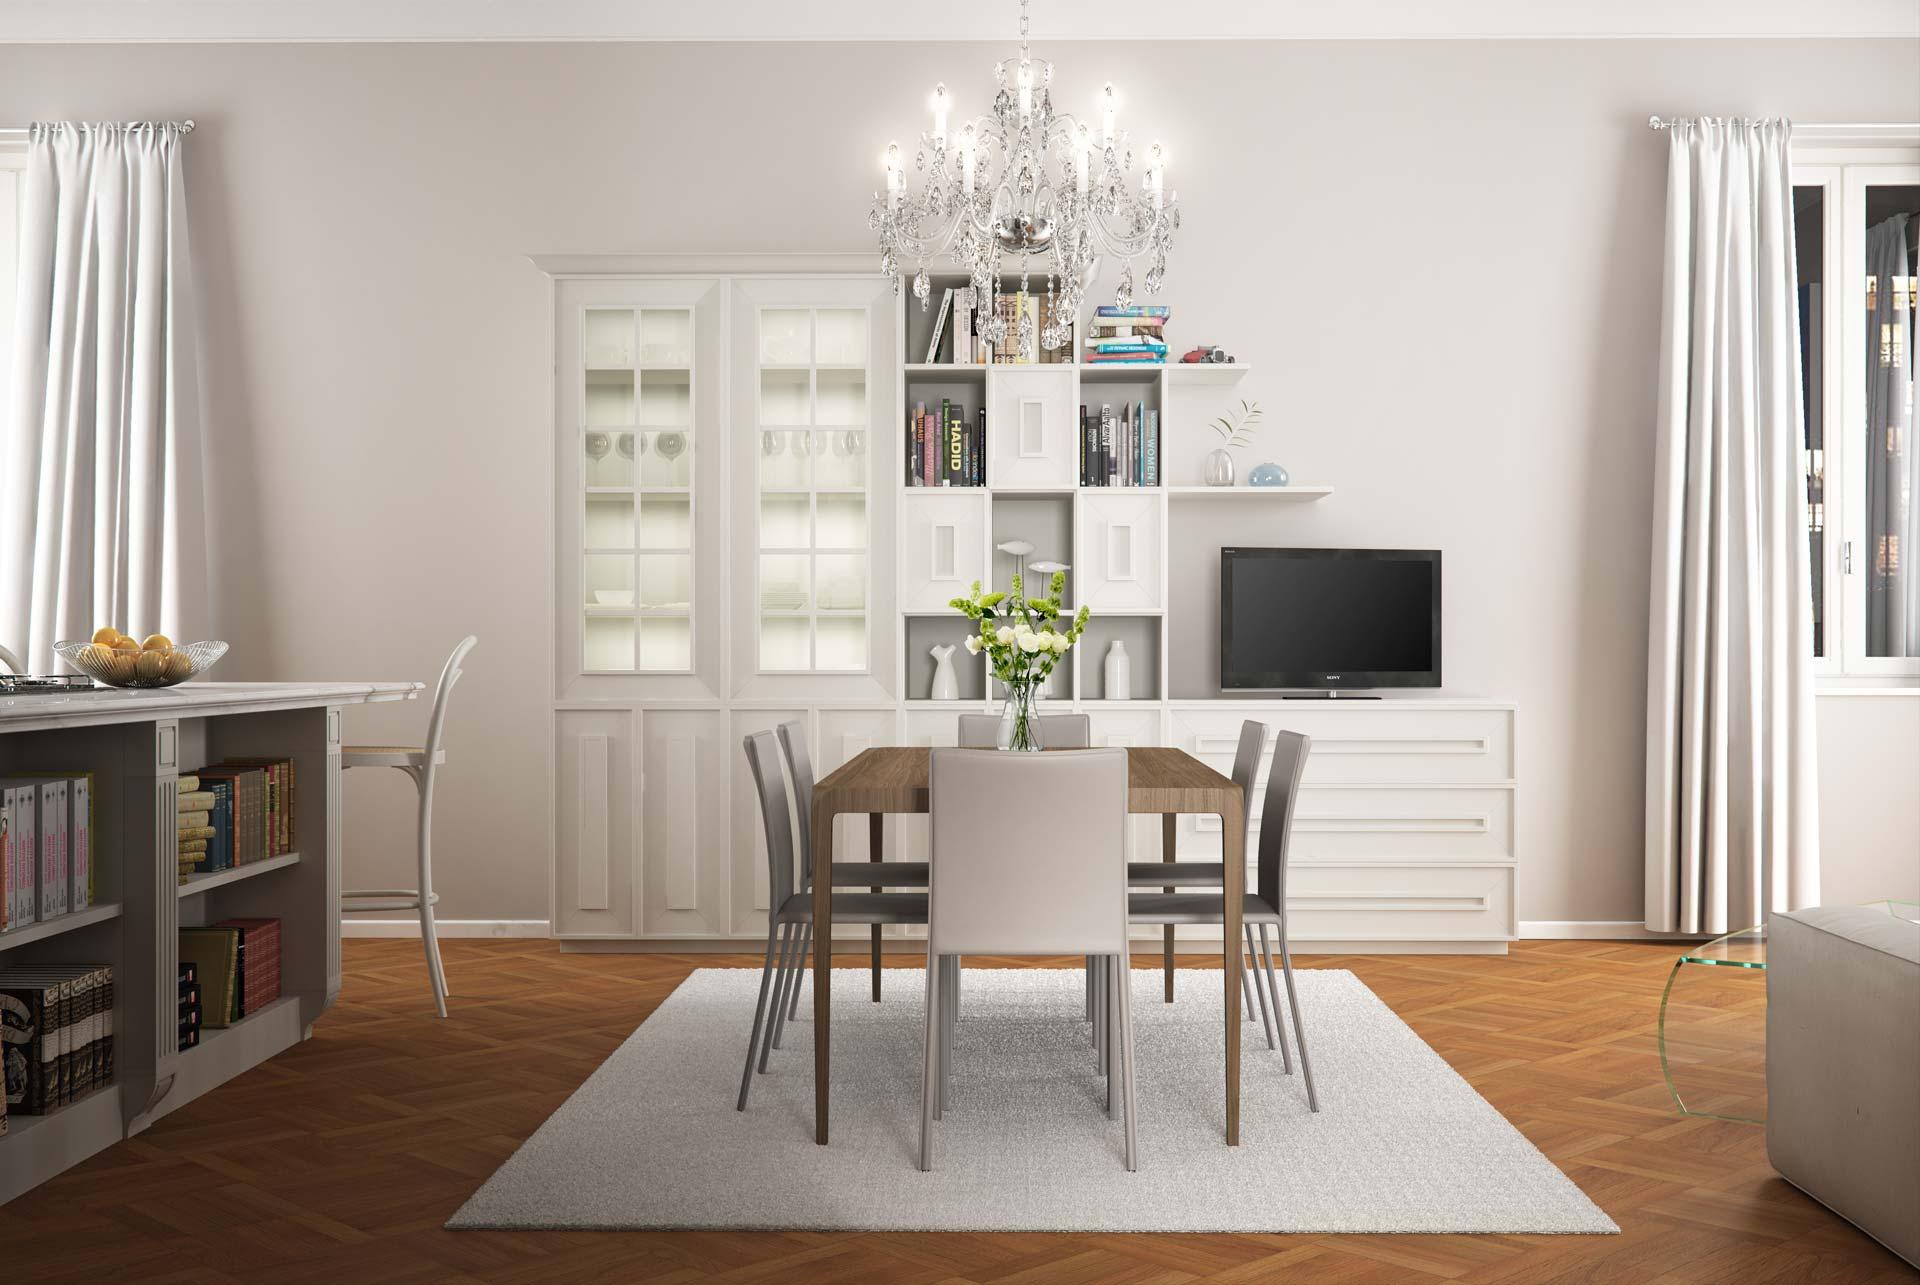 apartment-ancona-barberini-gunnell-3